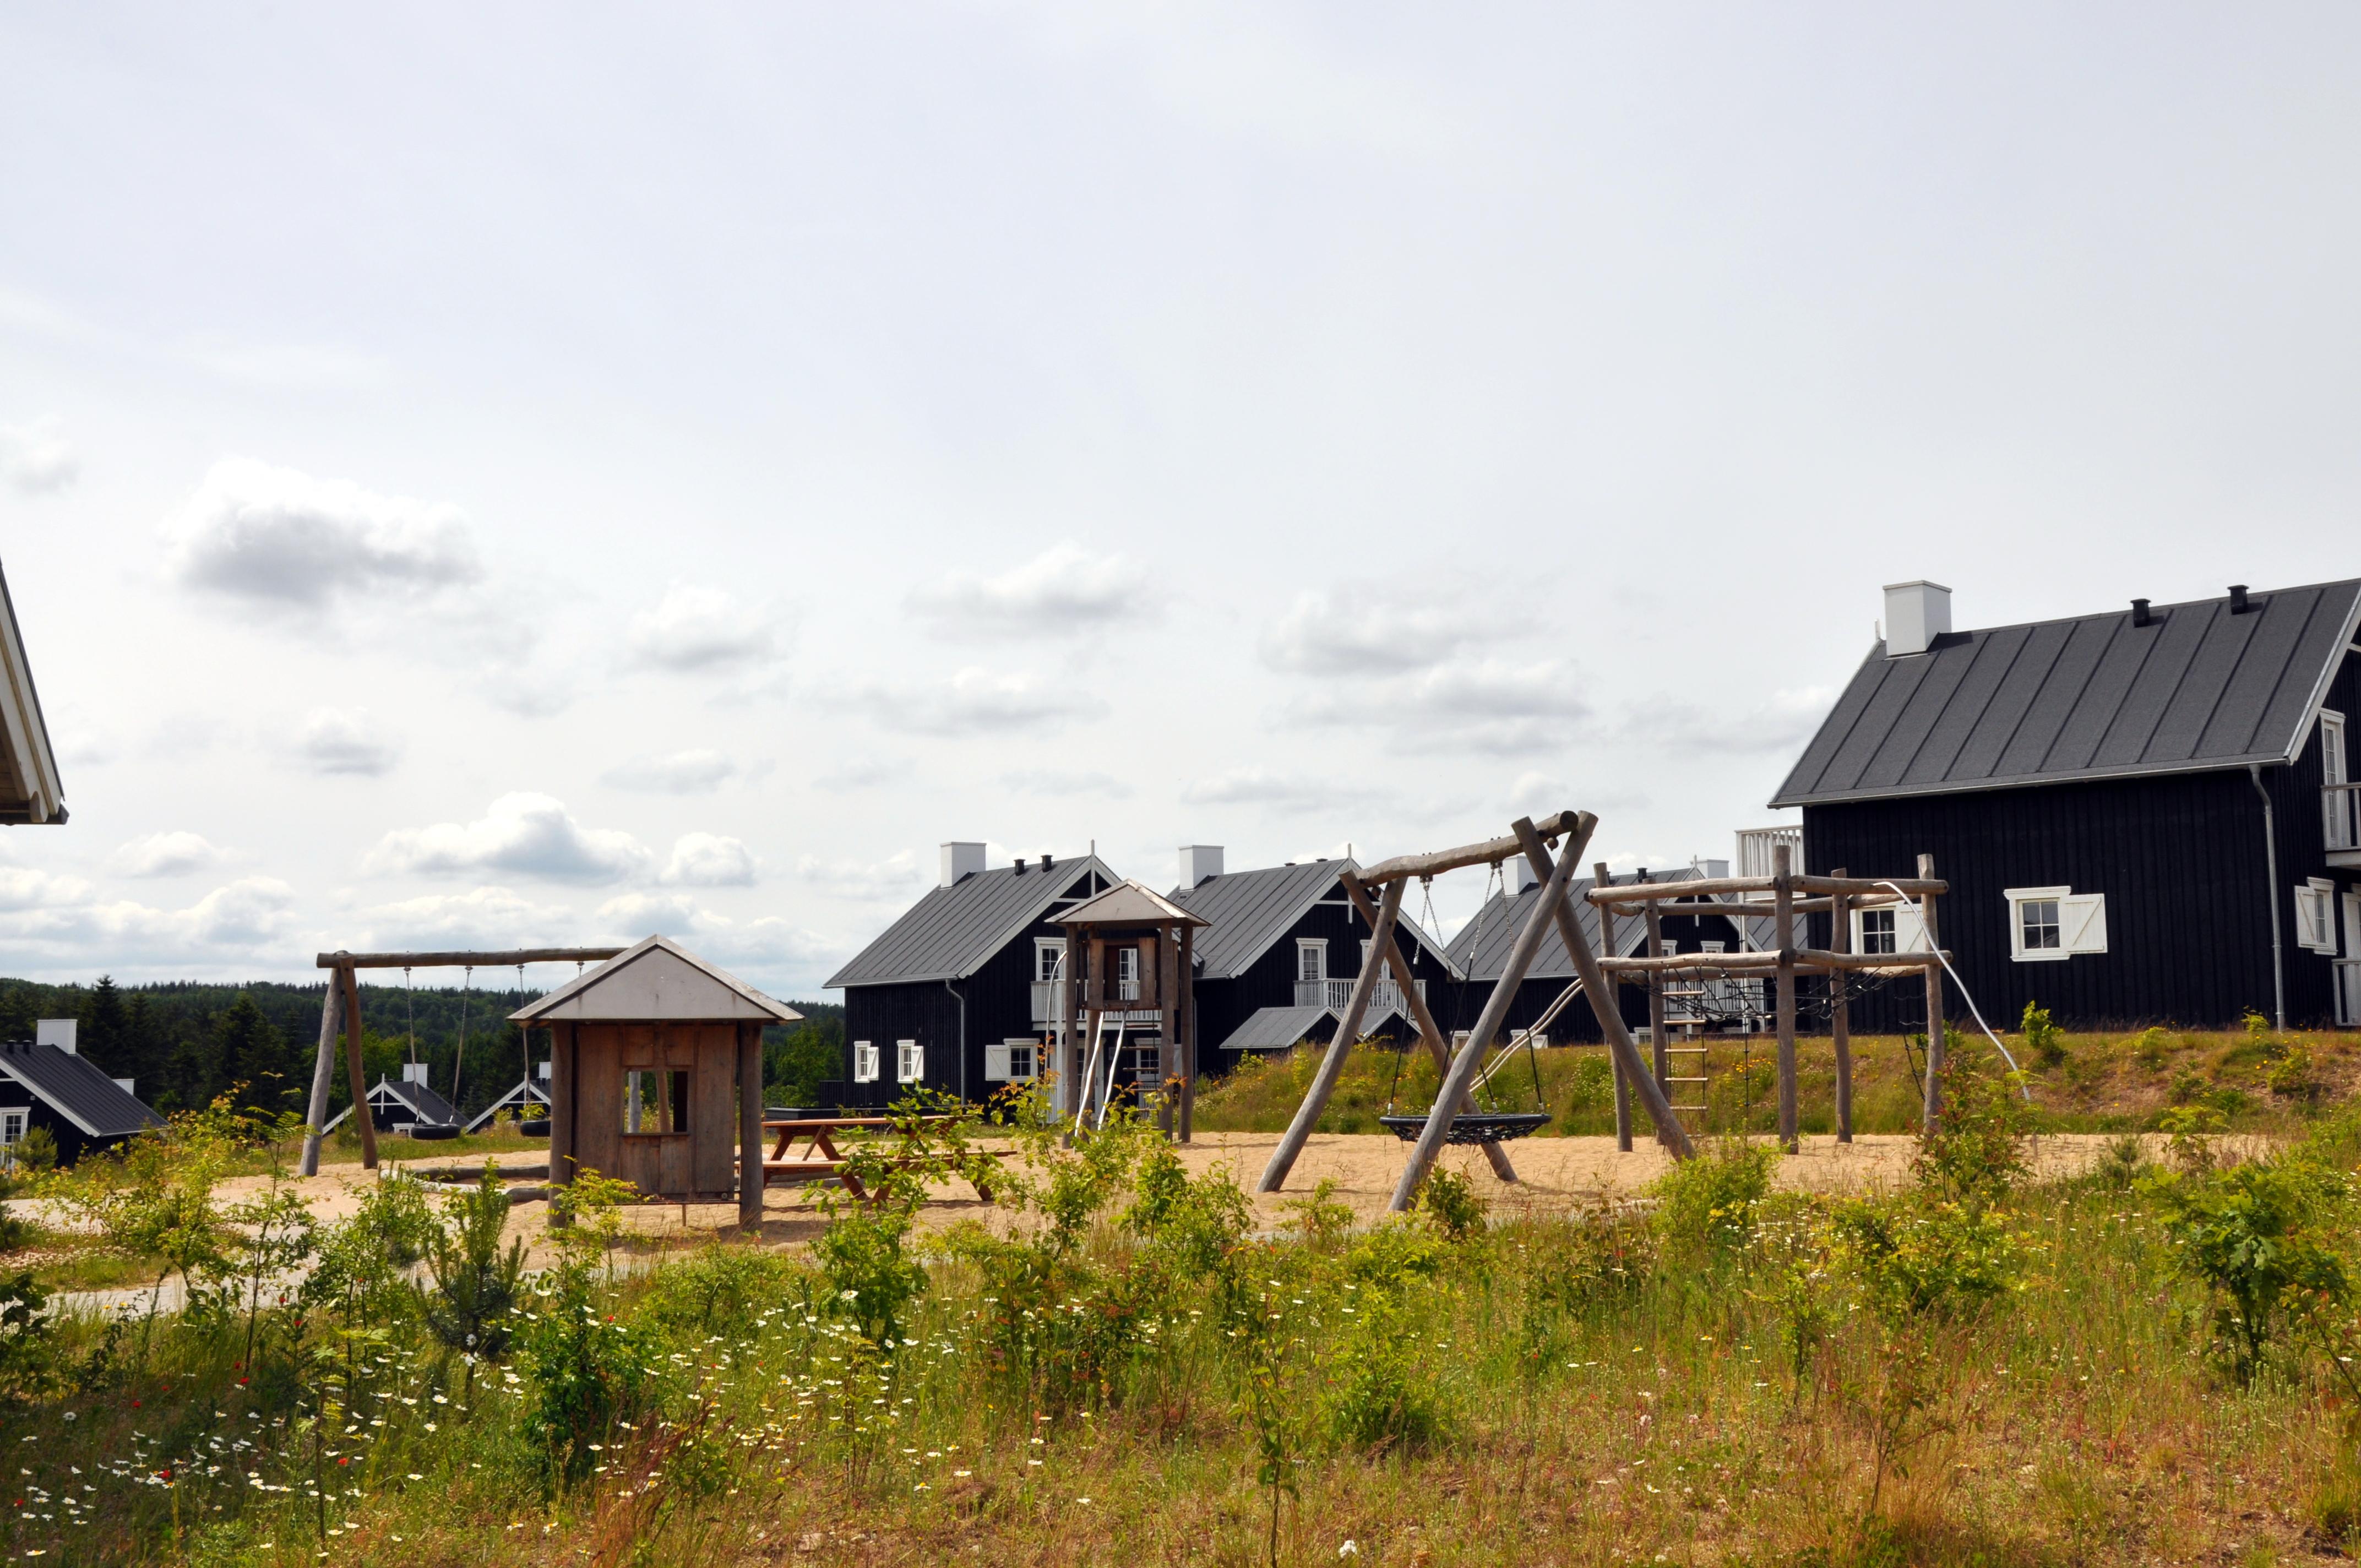 Luksus huse Søhøjlandet